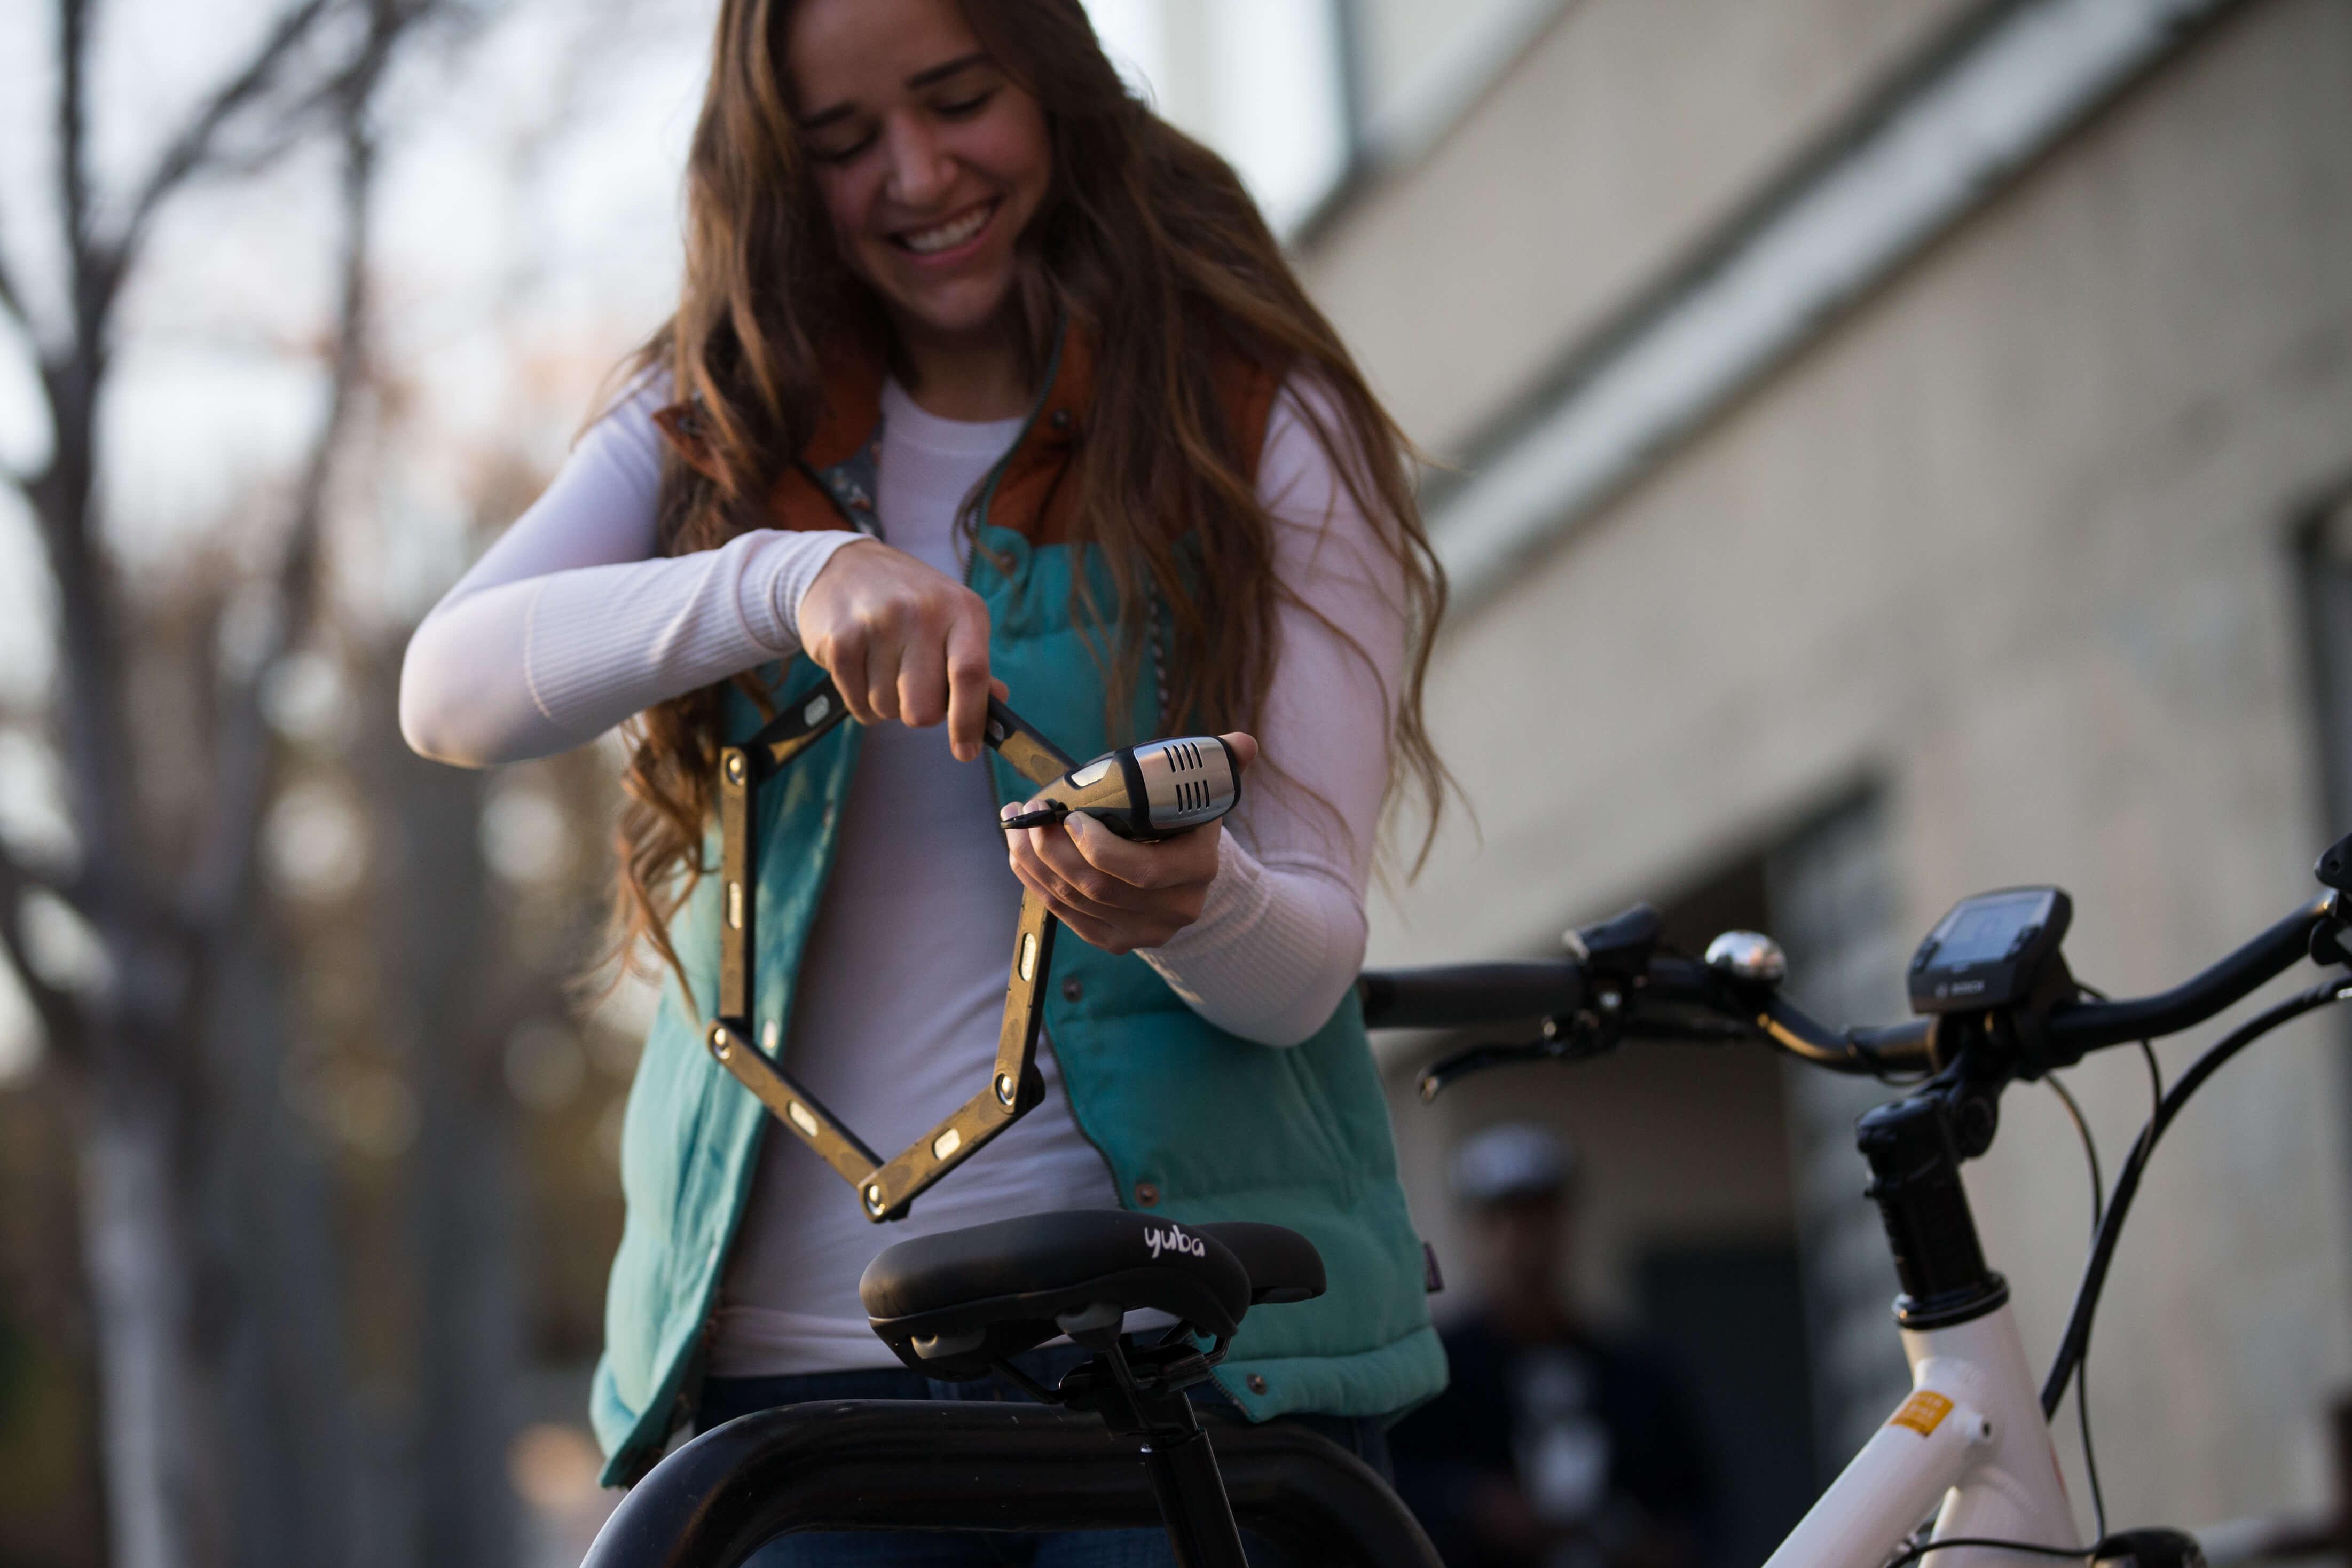 ABUS Takes Security to Next Level With Bordo Alarm Bike Lock